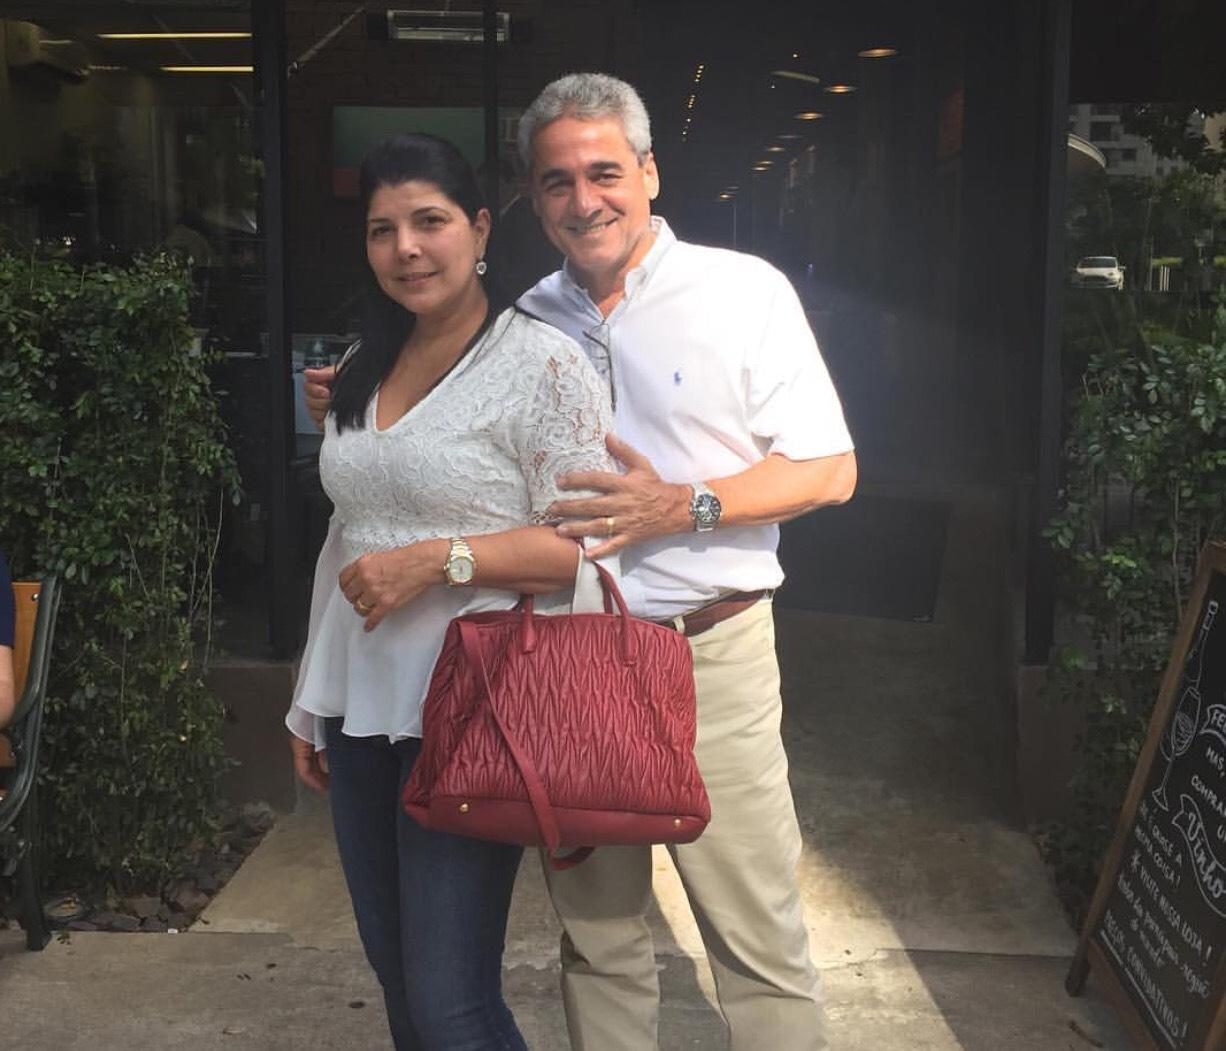 Tereza Valente e Jorge Oliveira depois de uma temporada em Trancoso